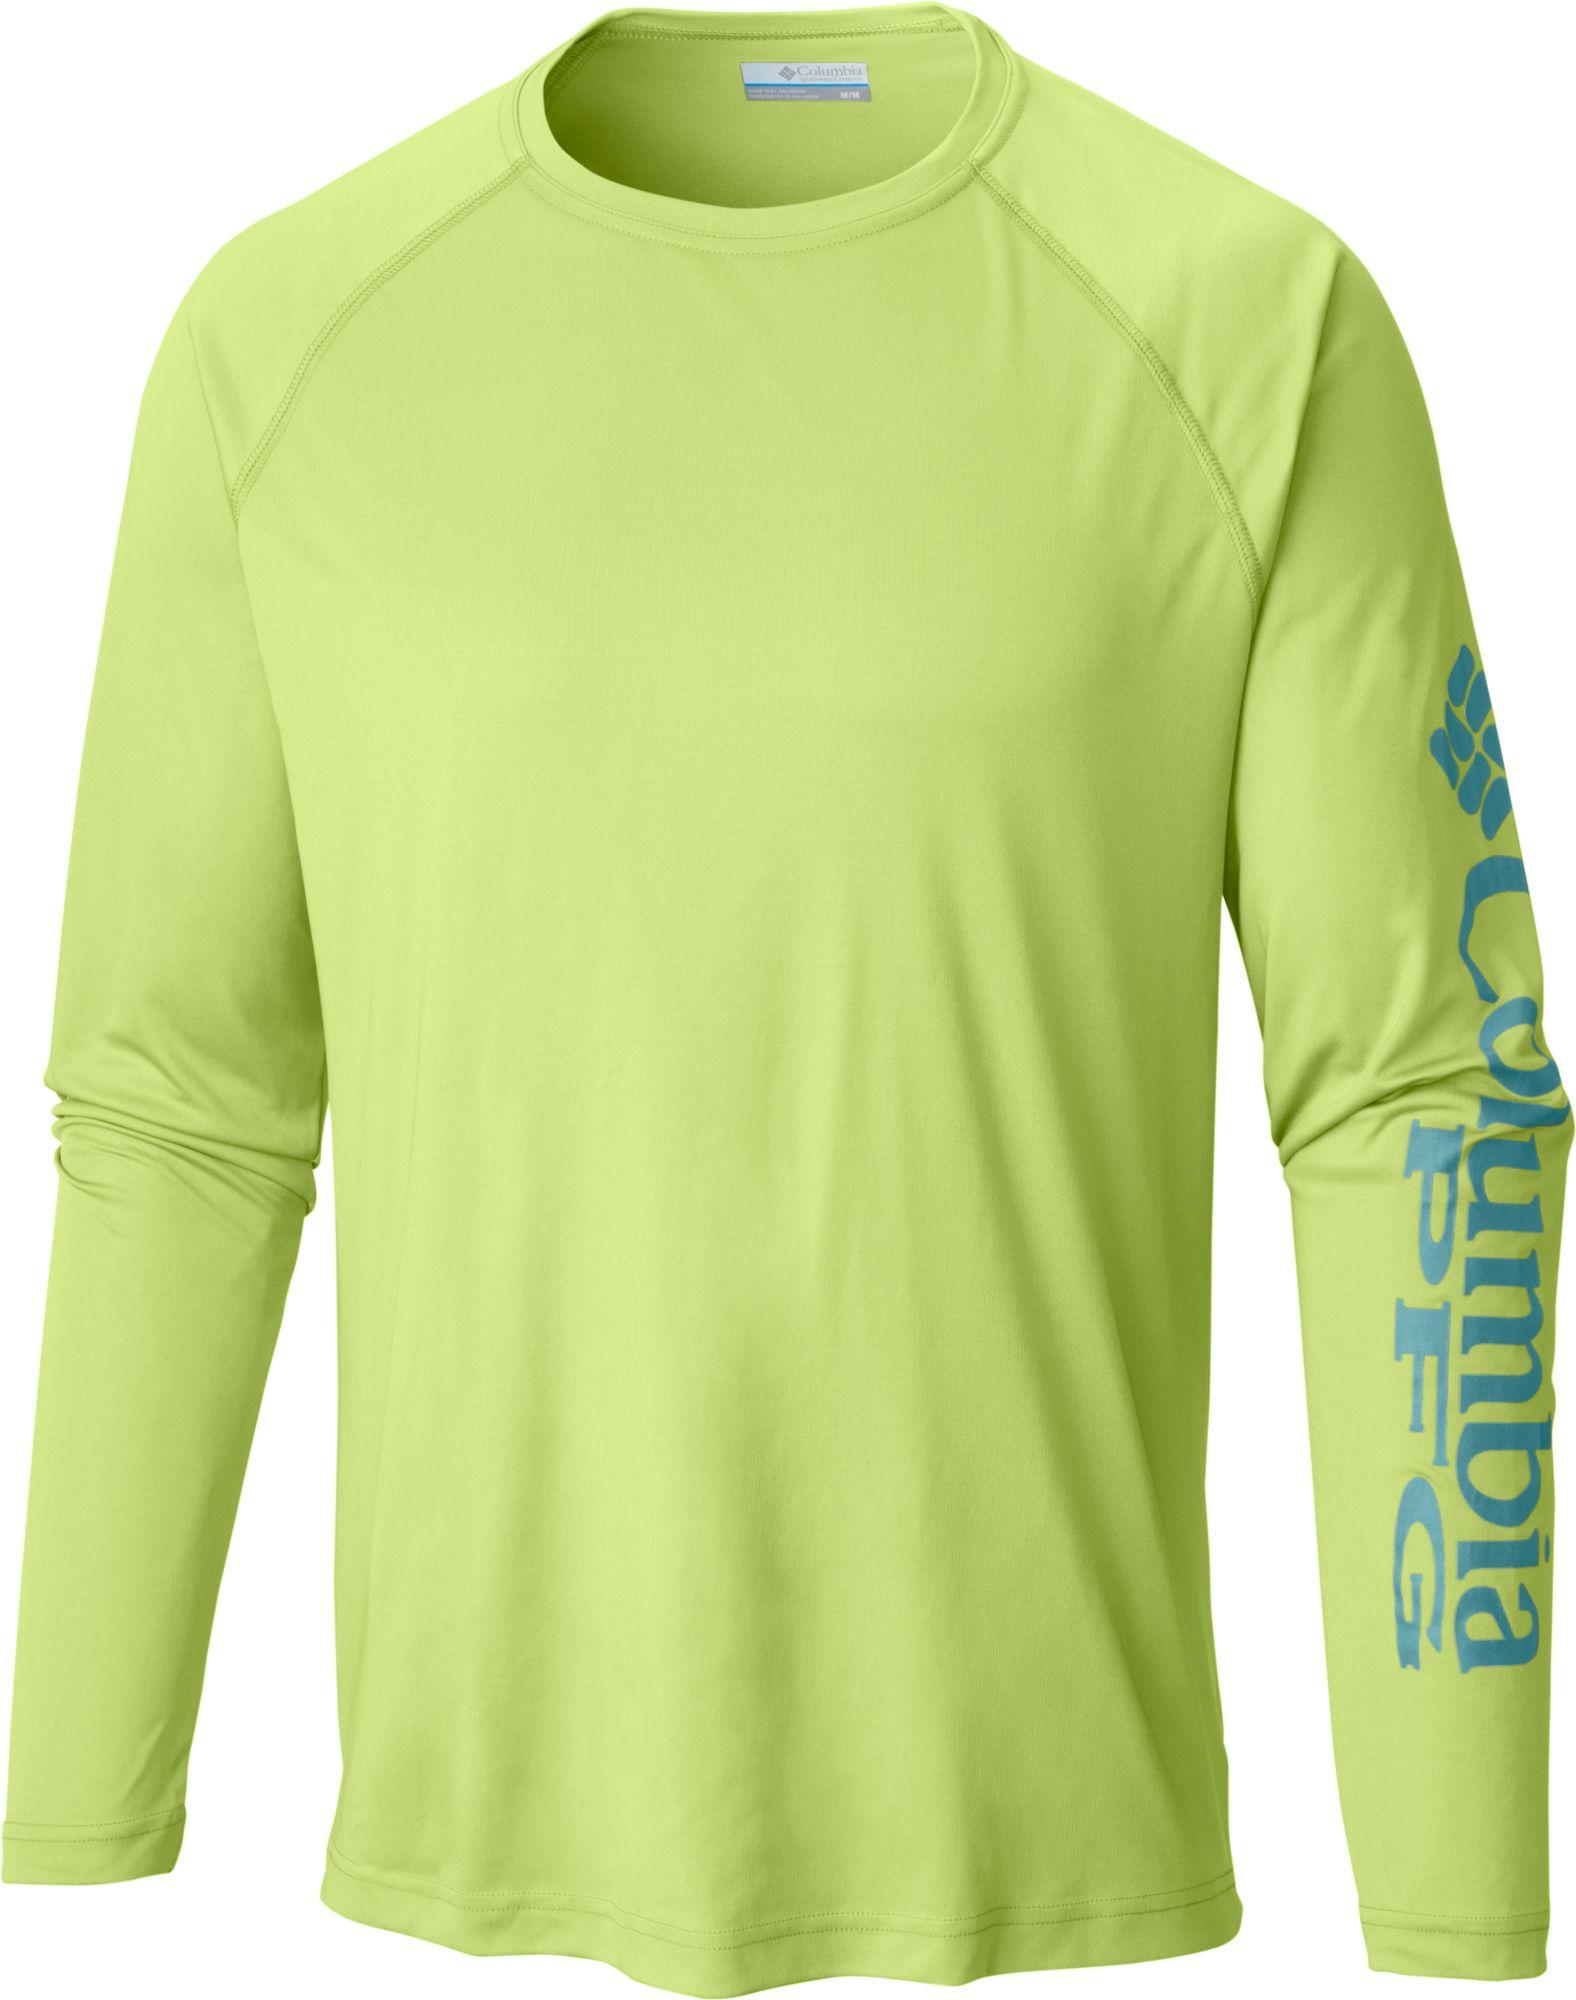 Columbia Men's PFG Terminal Tackle Long Sleeve Shirt | DICK'S ...